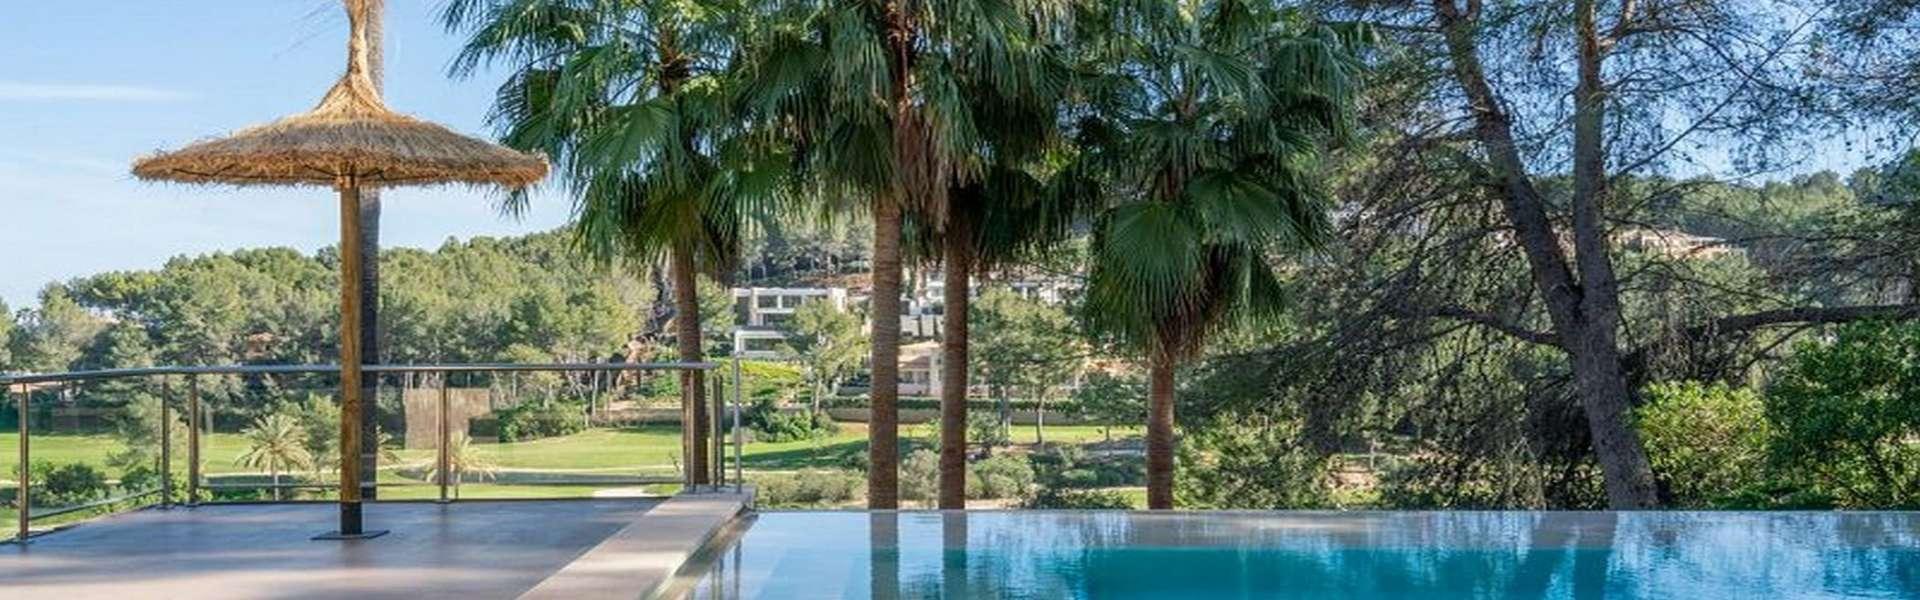 Palma/Son Vida - Traumhafte Villa mit Blick auf den Golfplatz